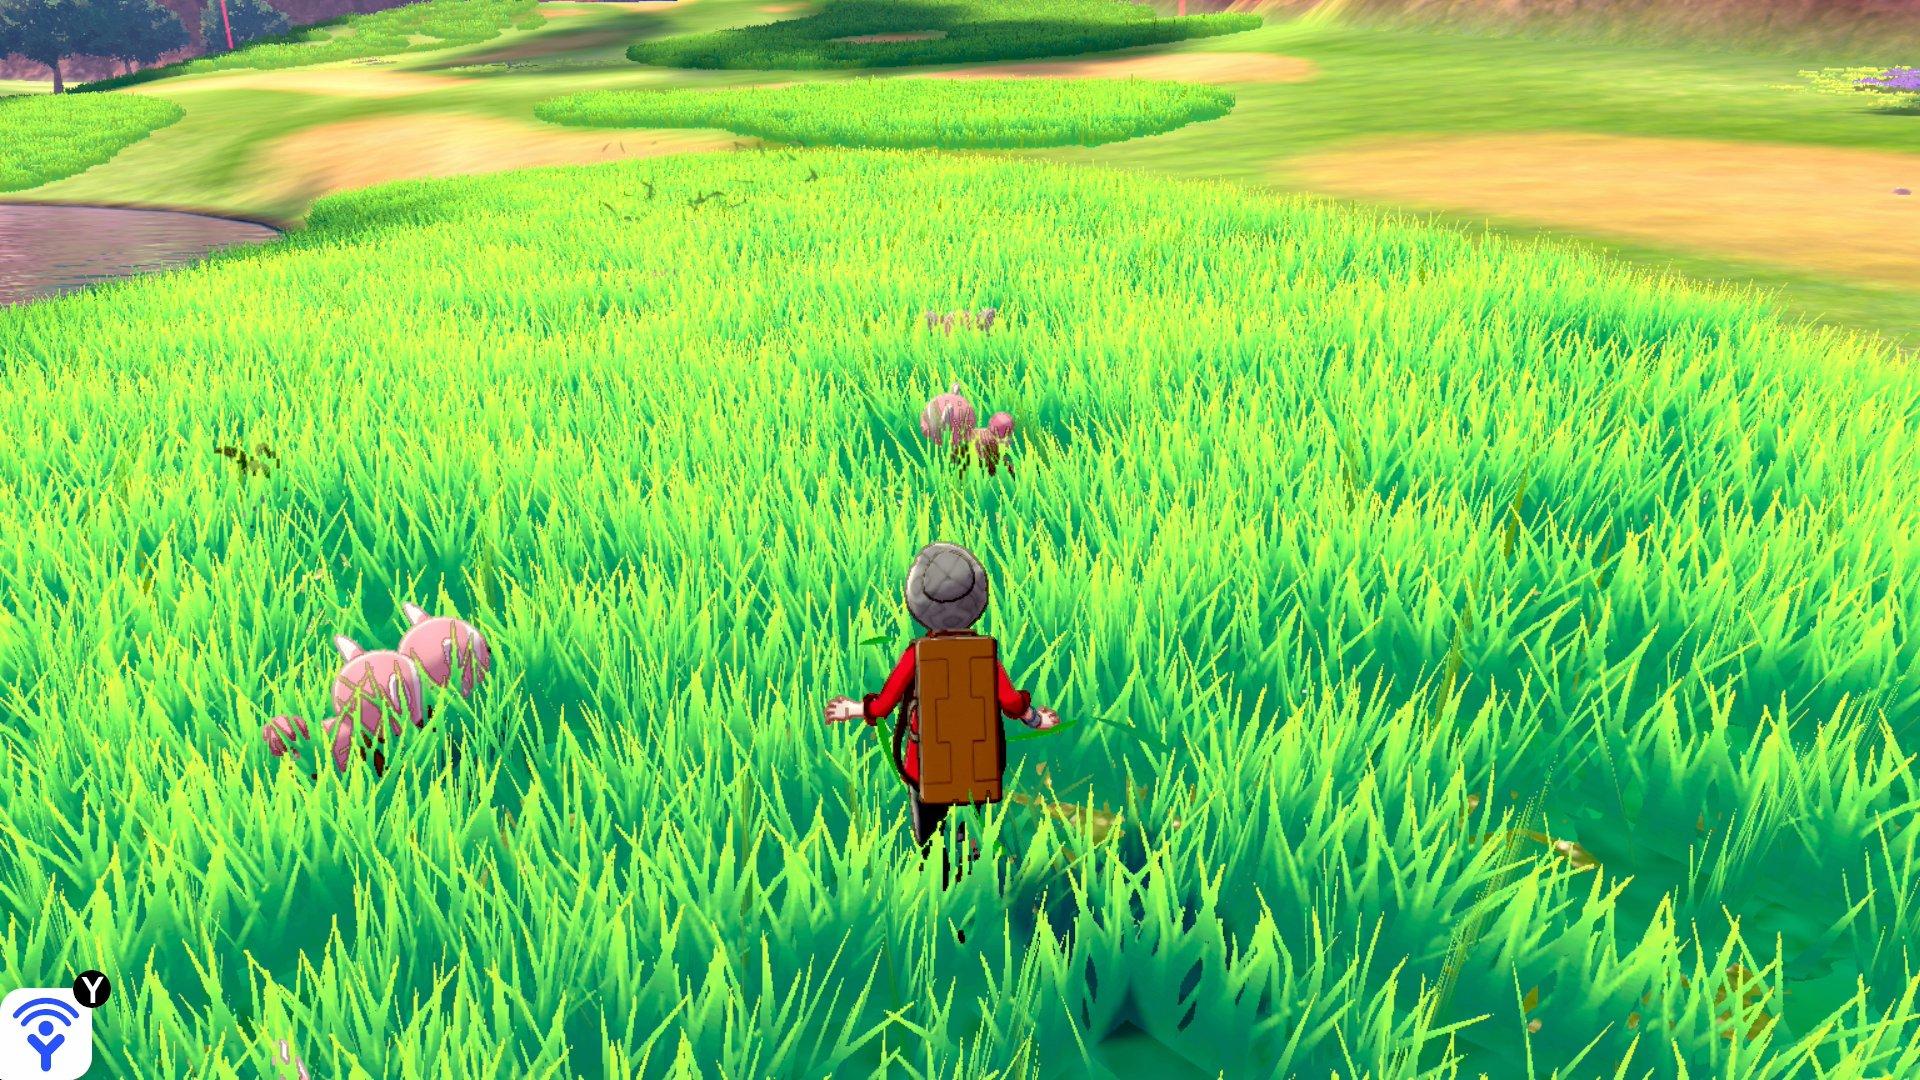 2 23 - 【朗報】ポケモン新作 草むらの作り込みに半年もかける力の入れようだった